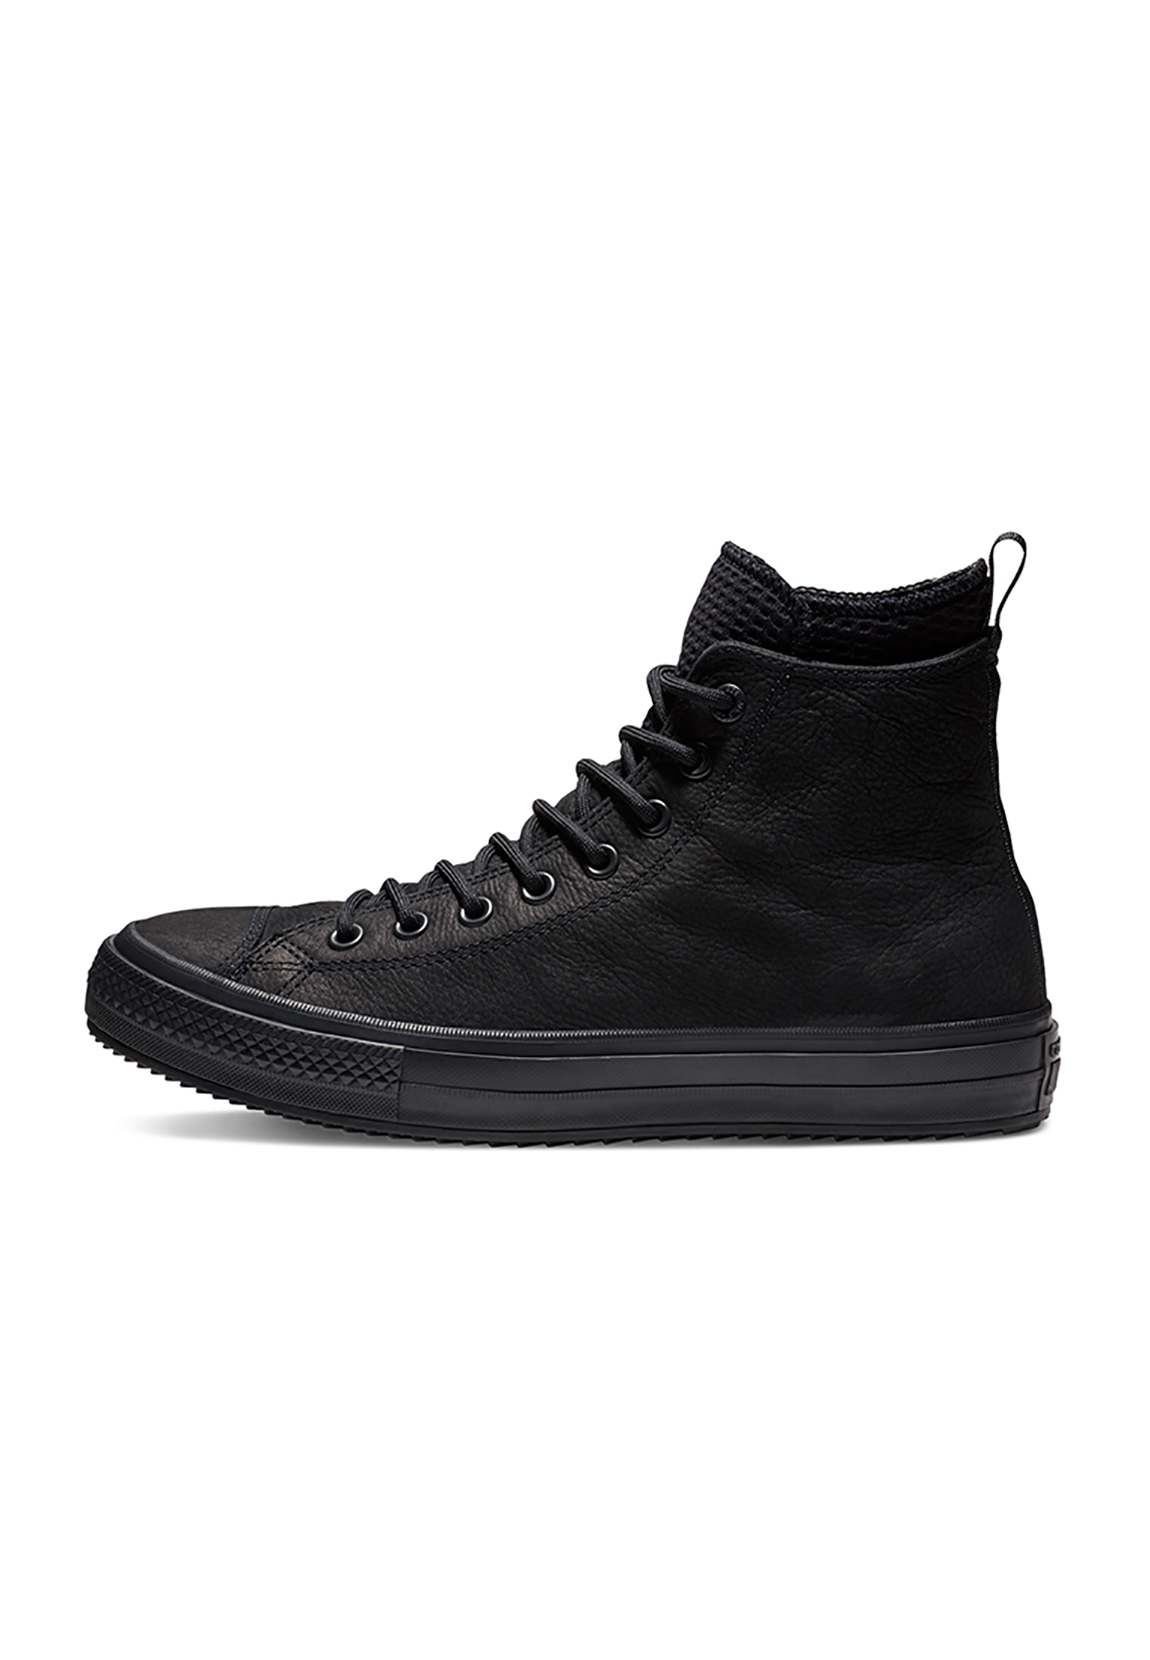 9bd4b935cc5 Converse Boots Ct as Boat Hi 162409C Black Black